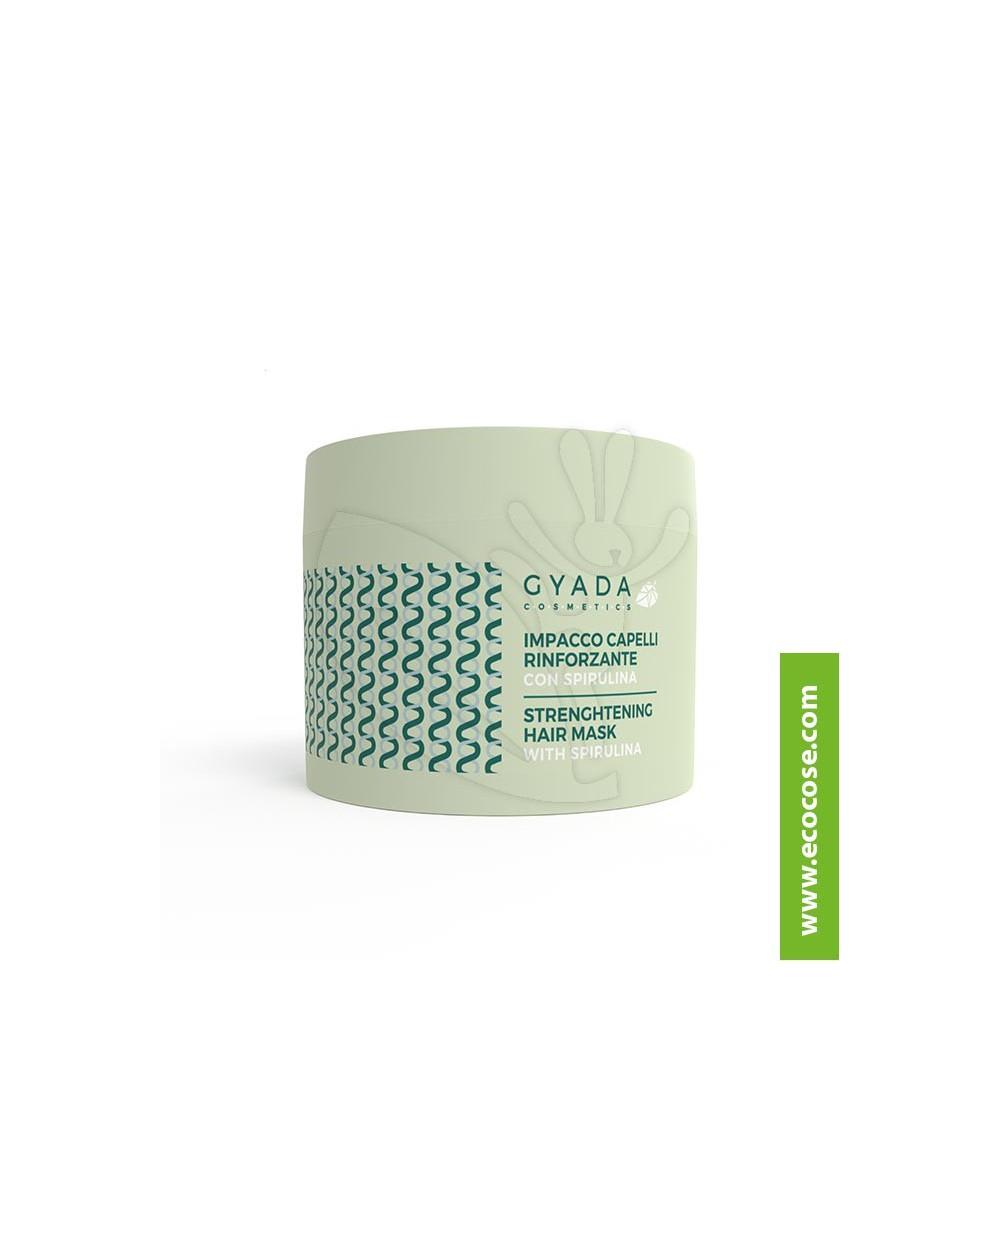 Gyada Cosmetics - Impacco capelli rinforzante con spirulina